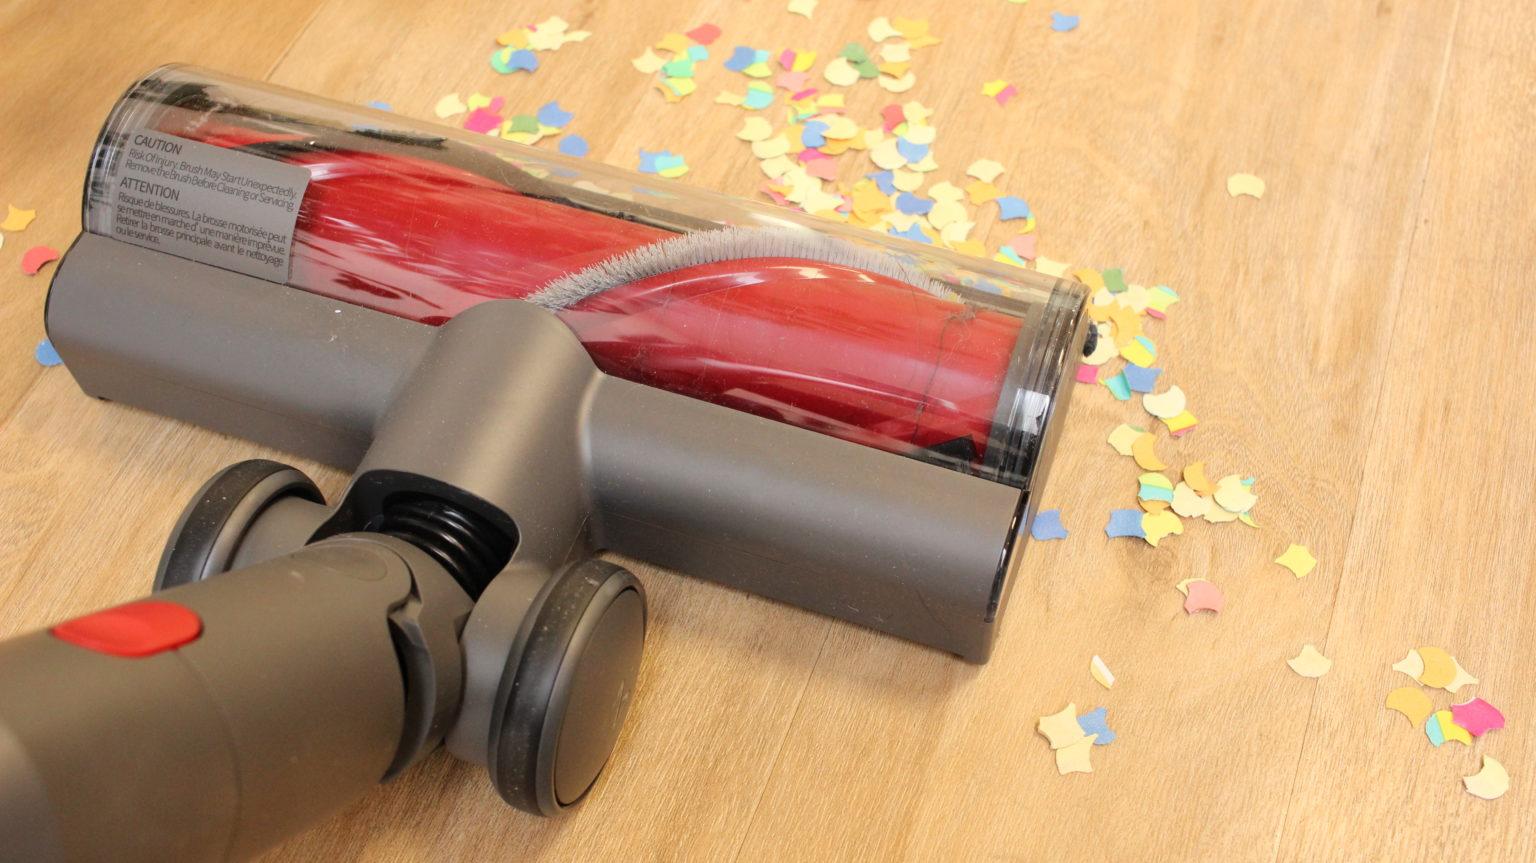 Aspirando confeti con la aspiradora inalámbrica Roborock H6